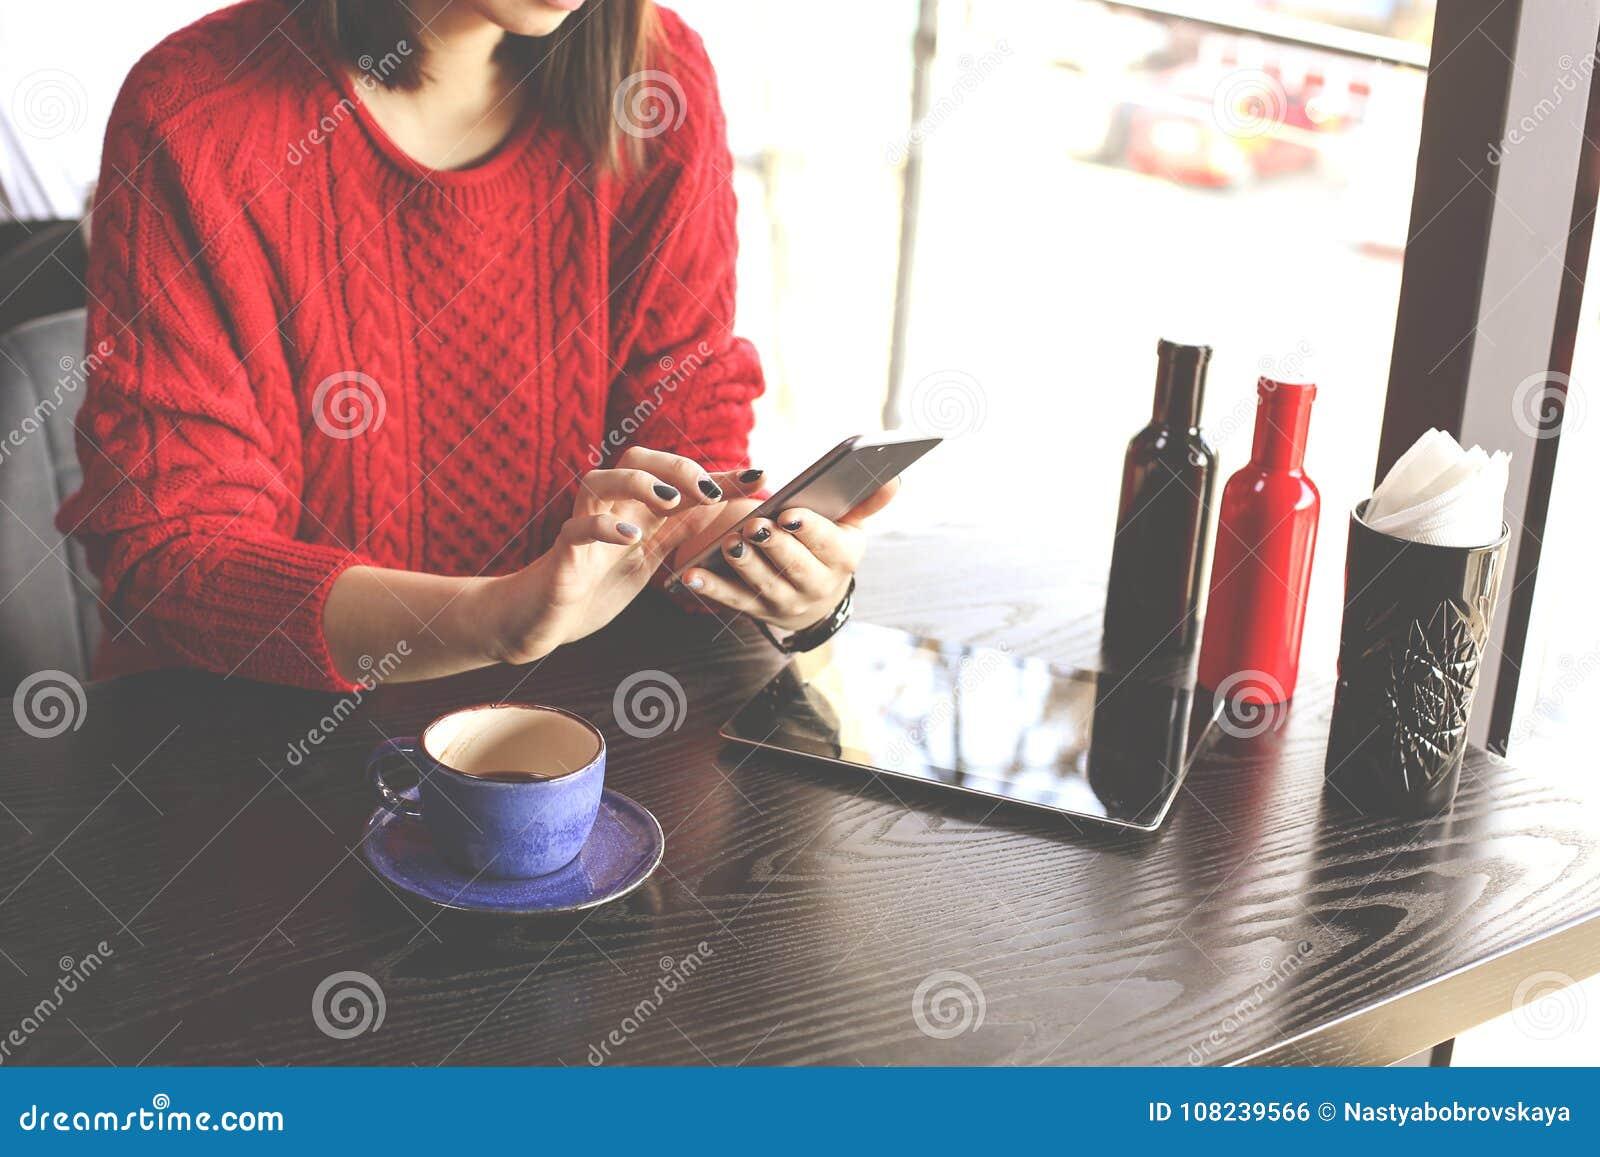 Gelukkige jonge vrouw het drinken cappuccino, latte, macchiato, thee, gebruikend tabletcomputer en sprekend op de telefoon in een